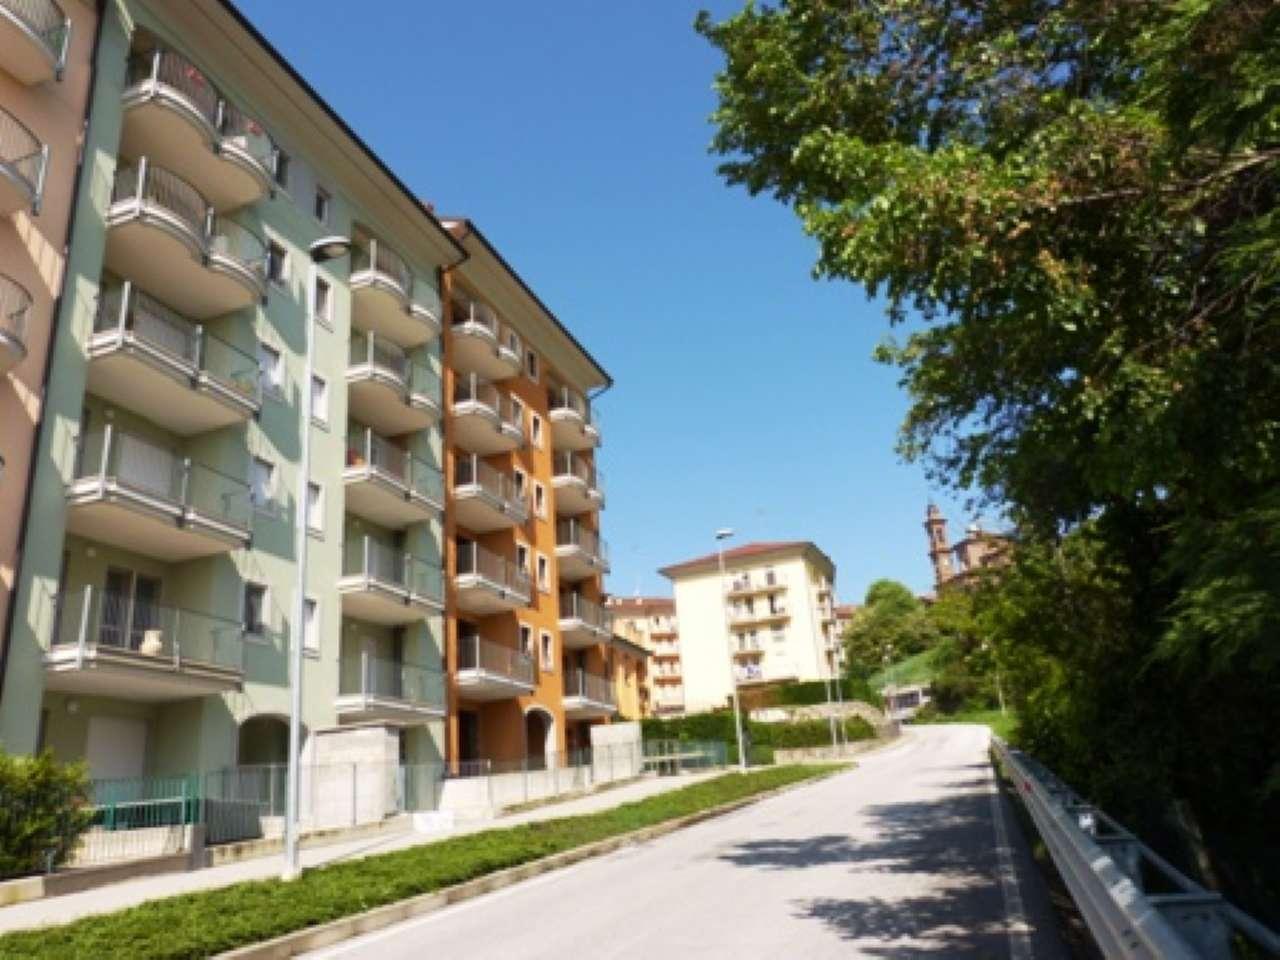 Appartamento in vendita a Fossano, 3 locali, prezzo € 165.000 | CambioCasa.it